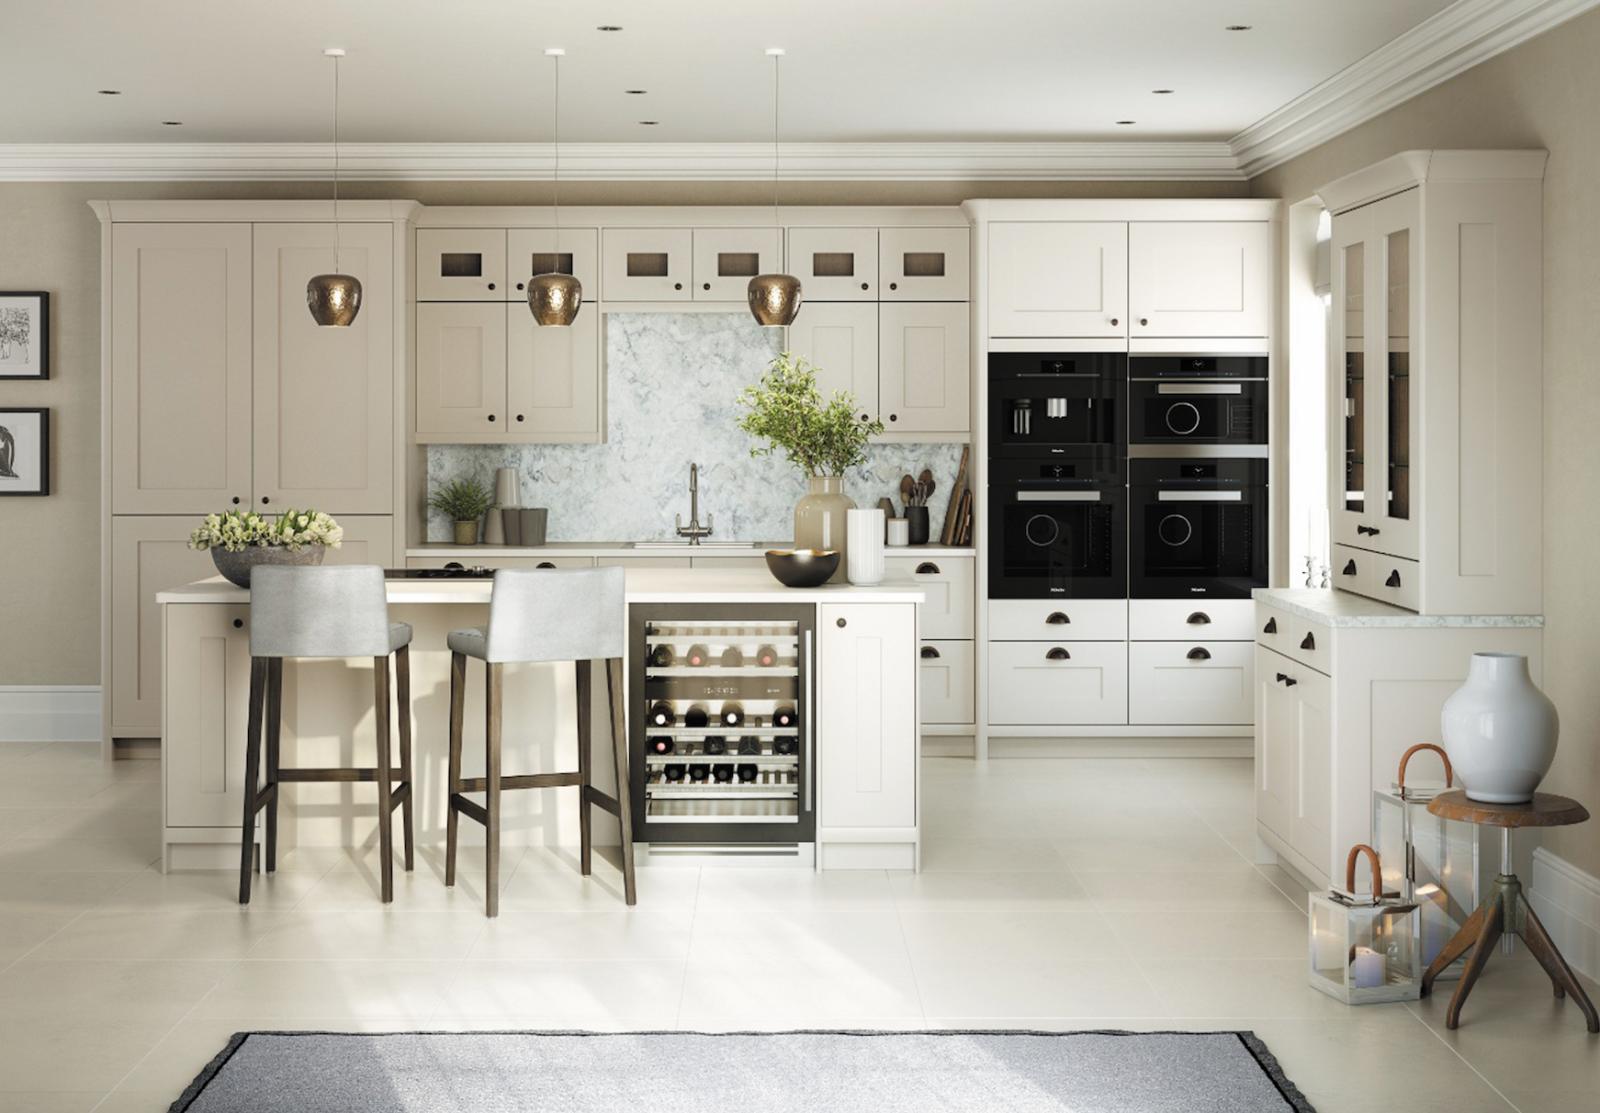 10 best kitchen trends of 2017 Modern kitchen design ideas